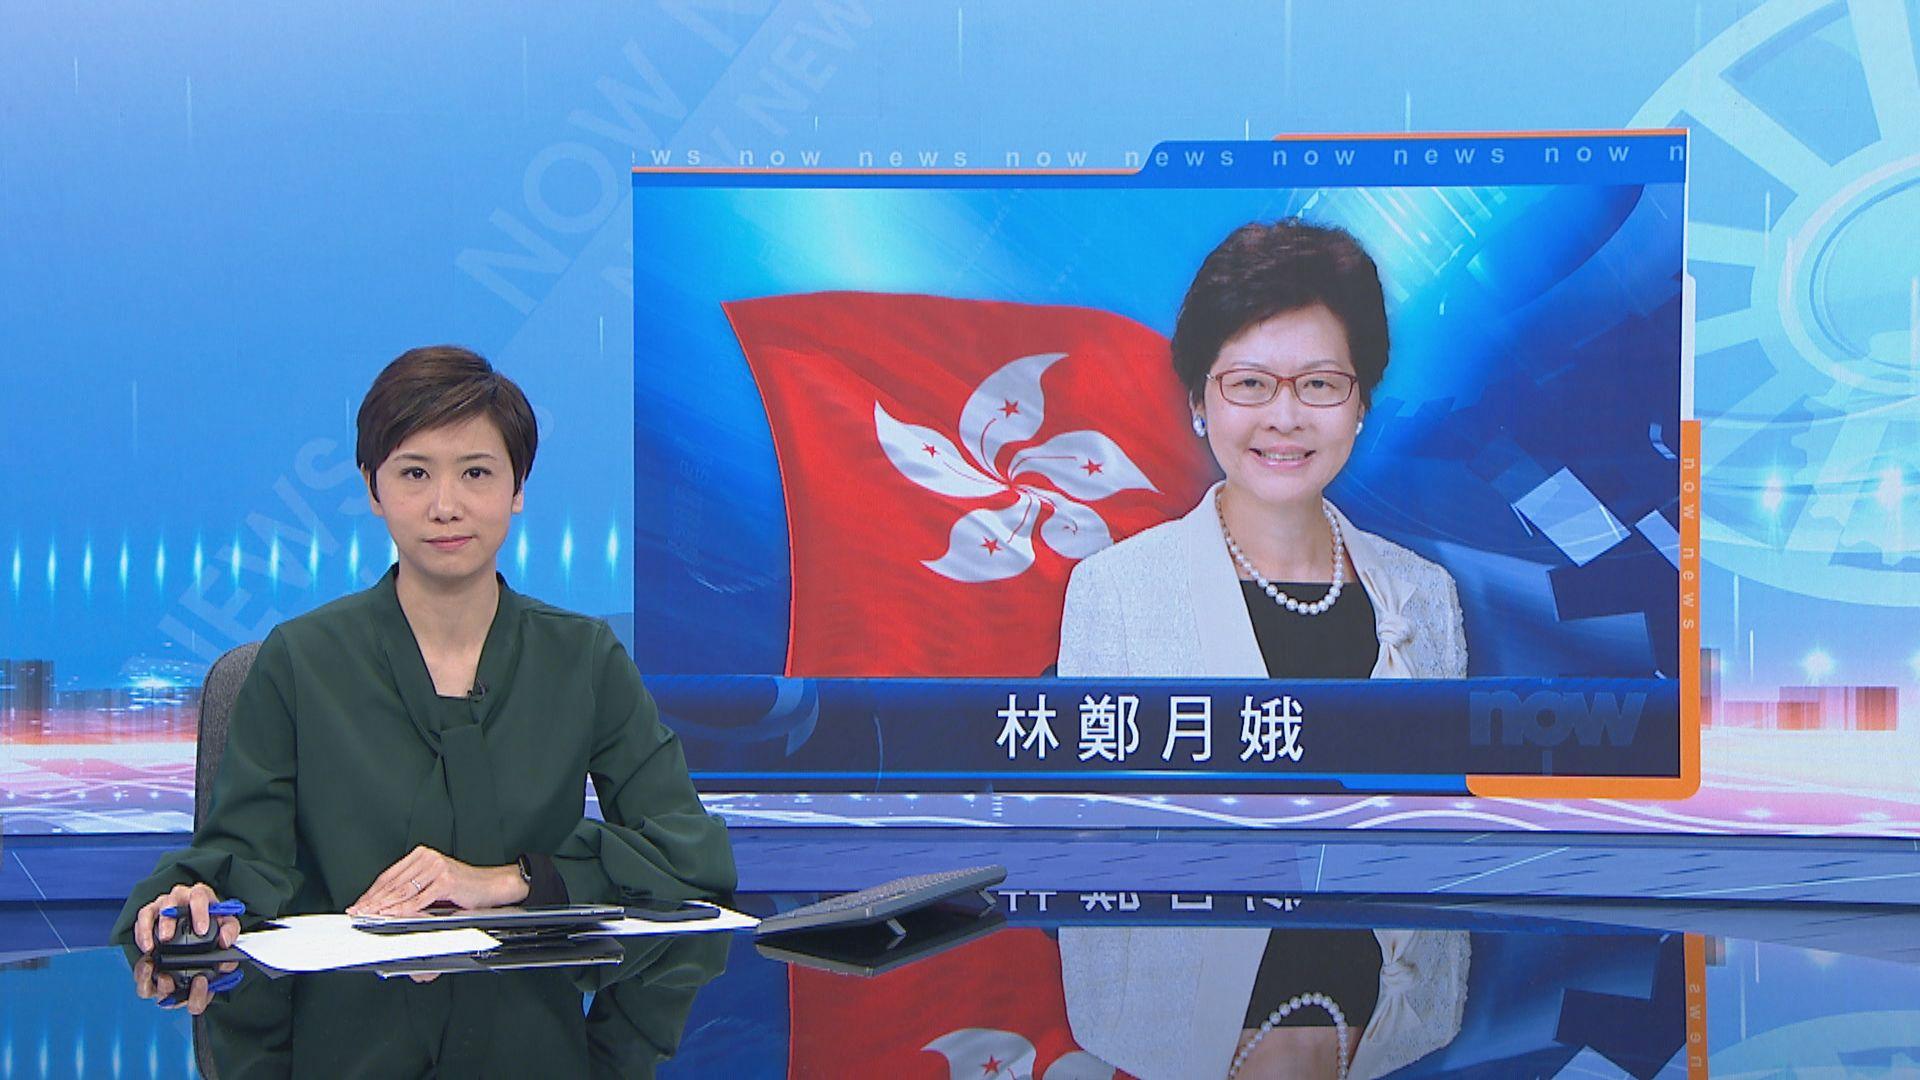 林鄭:爭取一兩月內公布大灣區發展規劃綱要